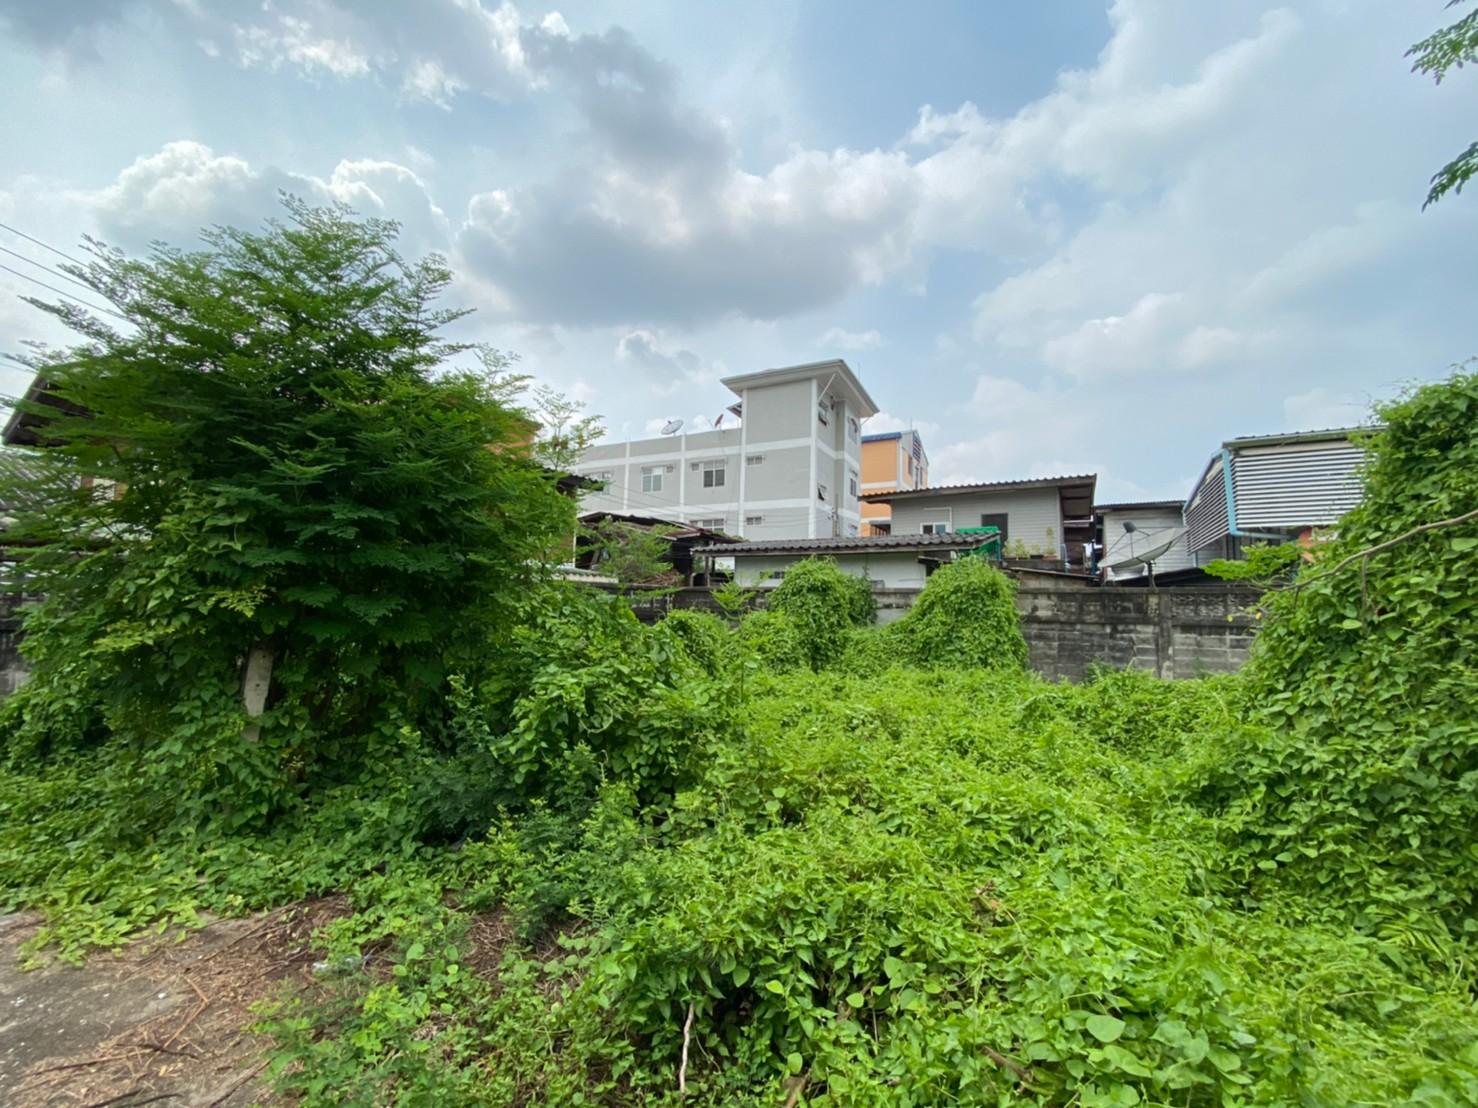 ราคาดีมาก!! ขายที่ดินเปล่าใน จรัญสนิทวงศ์13 (ซอยวัดหนัง) ทำเลดี แปลงสวย ห่างจากปากซอย ประมาณ 220 เมตร ขนาดพื้นที่ 84 ตรว.